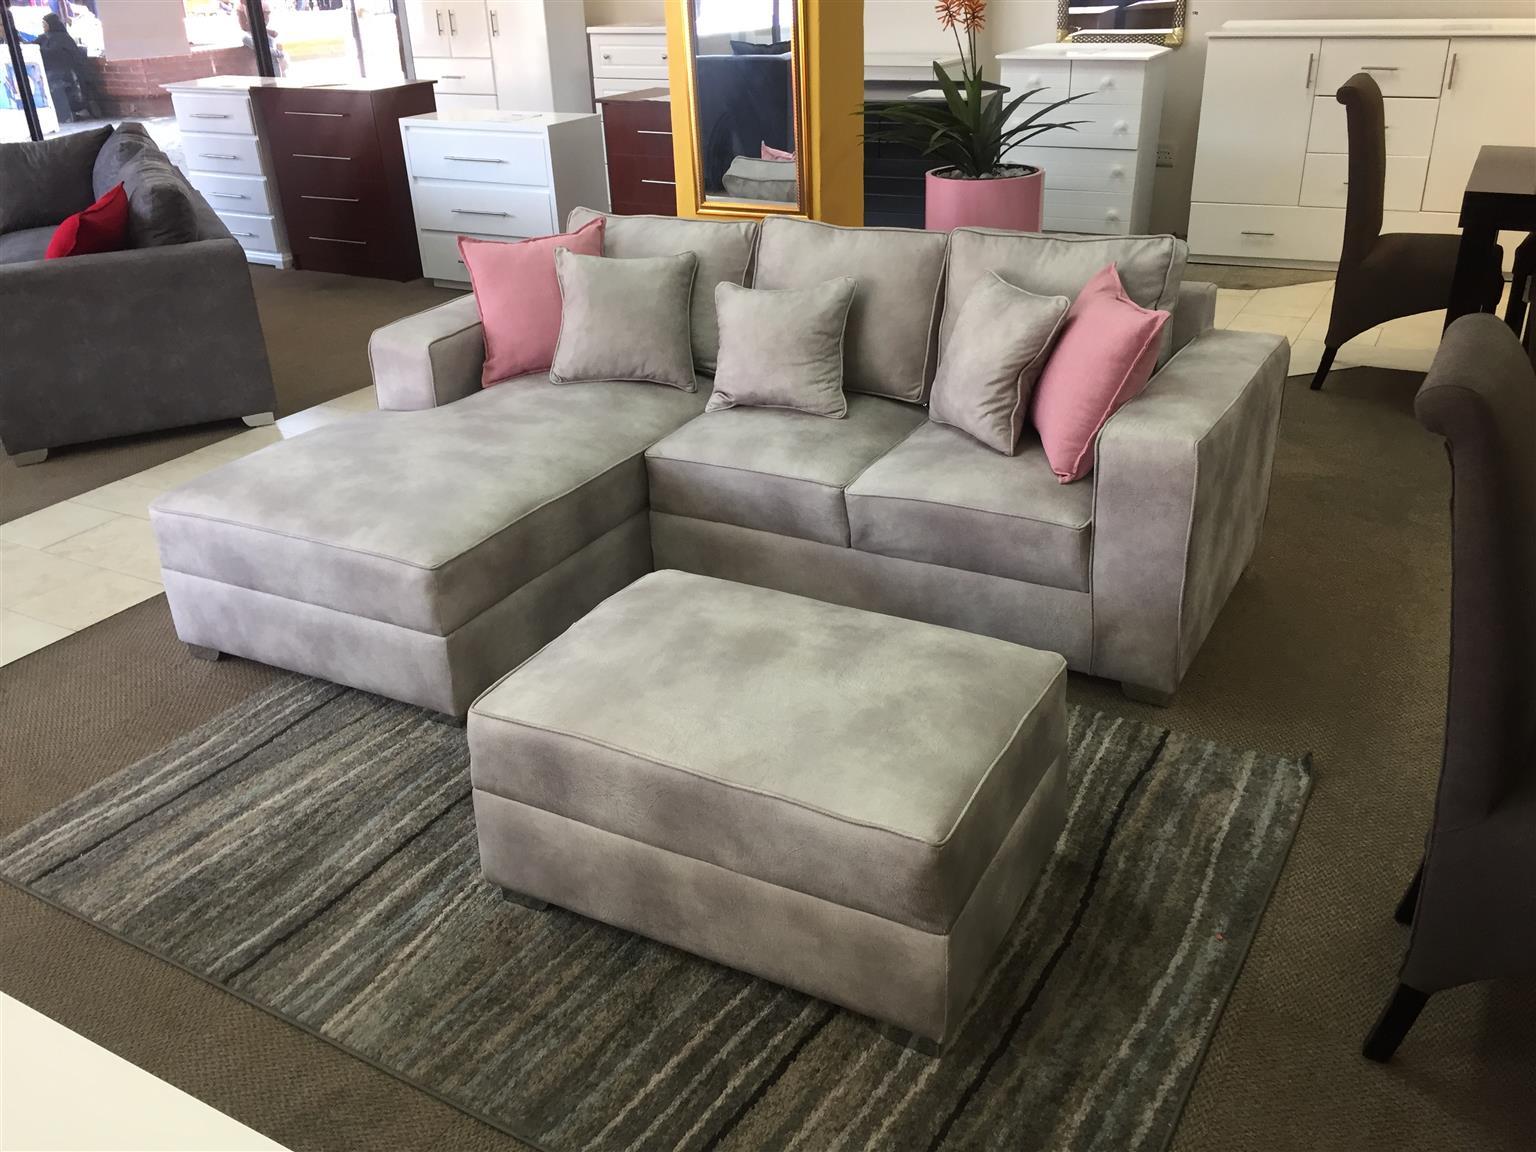 Metro corner couch